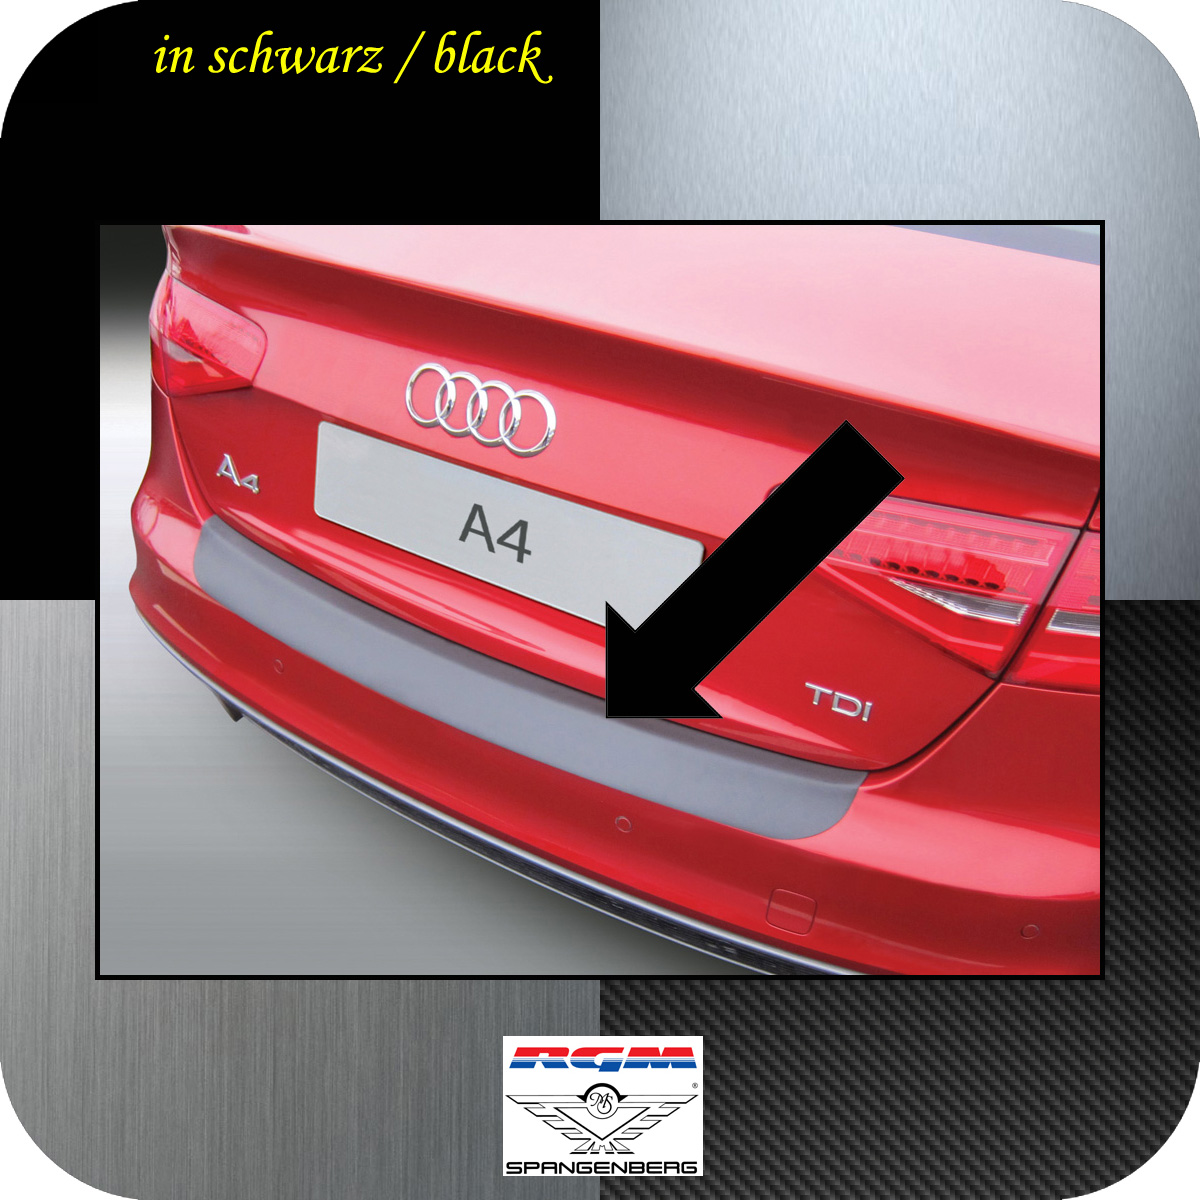 Ladekantenschutz schwarz Audi A4 B8 Limousine facelift 2012-2015 3500905